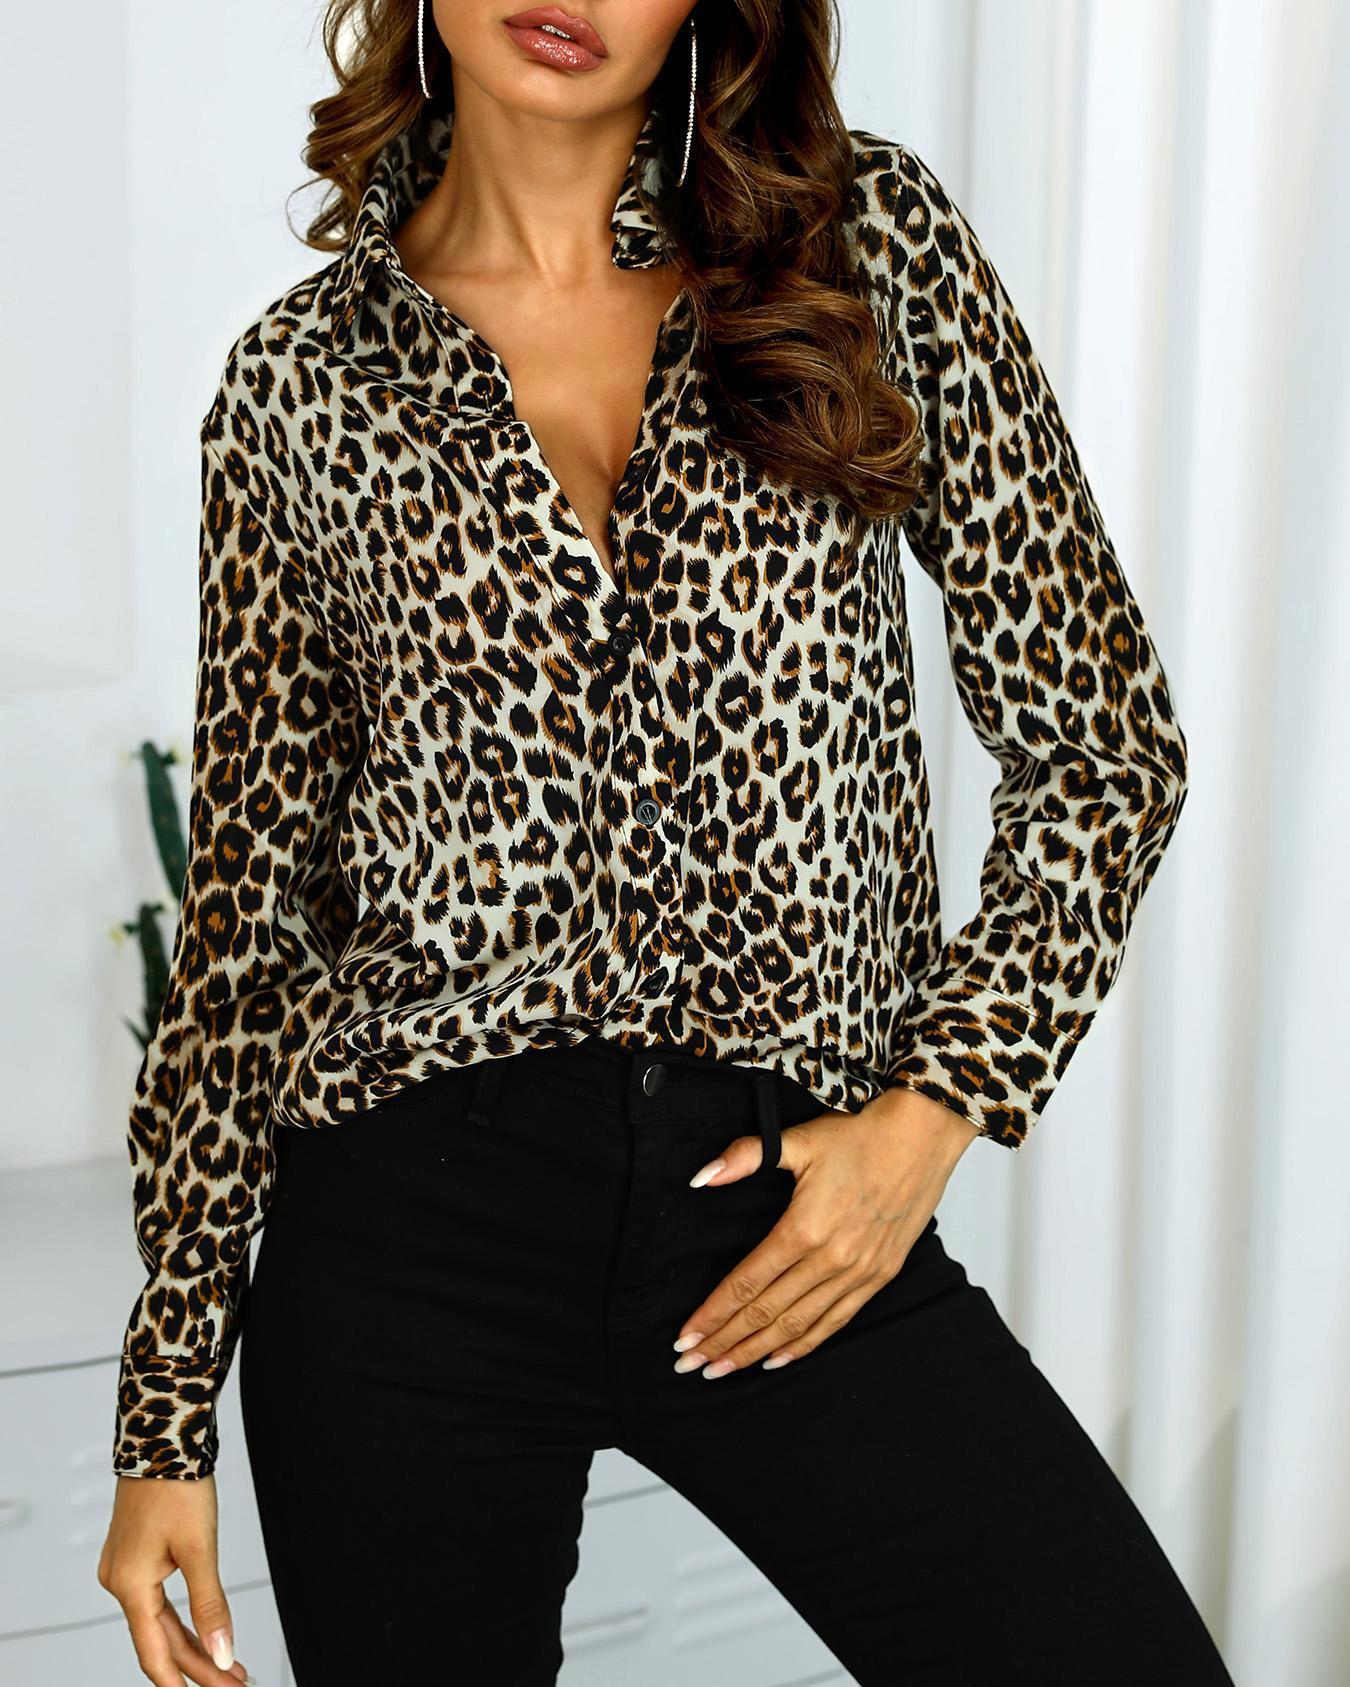 chicme / Camisa Casual de Manga Comprida com Leopardo